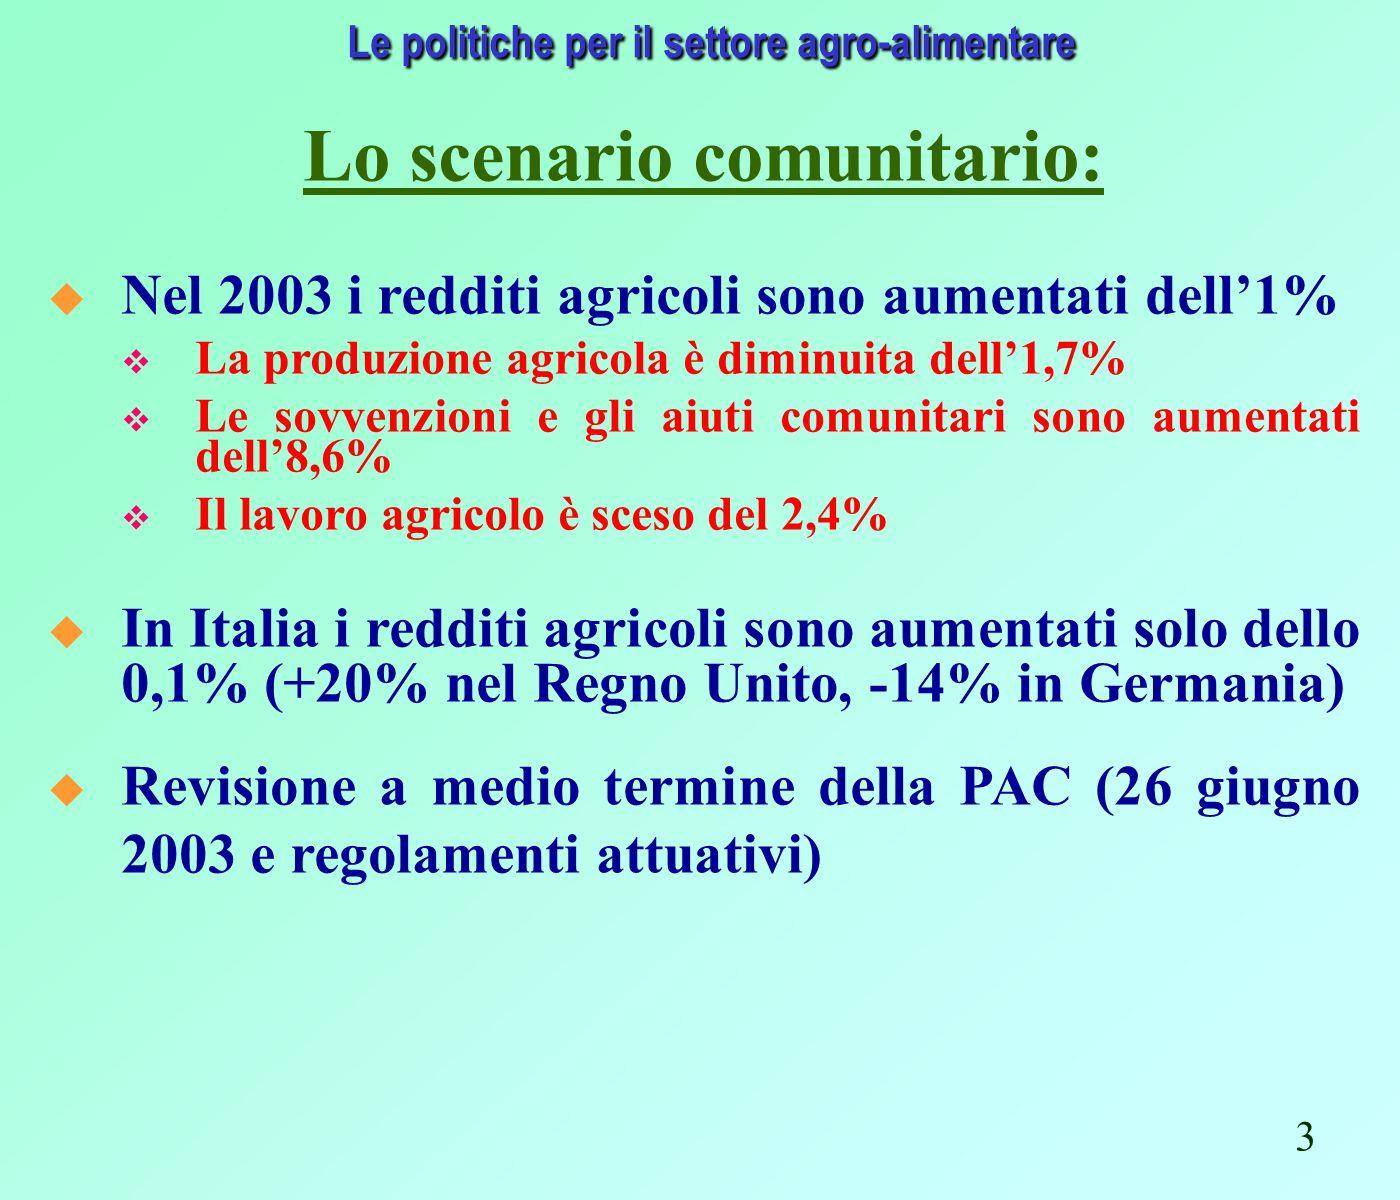 Impiego degli extracomunitari per comparti in agricoltura in Emilia-Romagna nel 2002 (numero) Fonte: elaborazione su dati Inea I fatti salienti dellannata agraria 2003 14